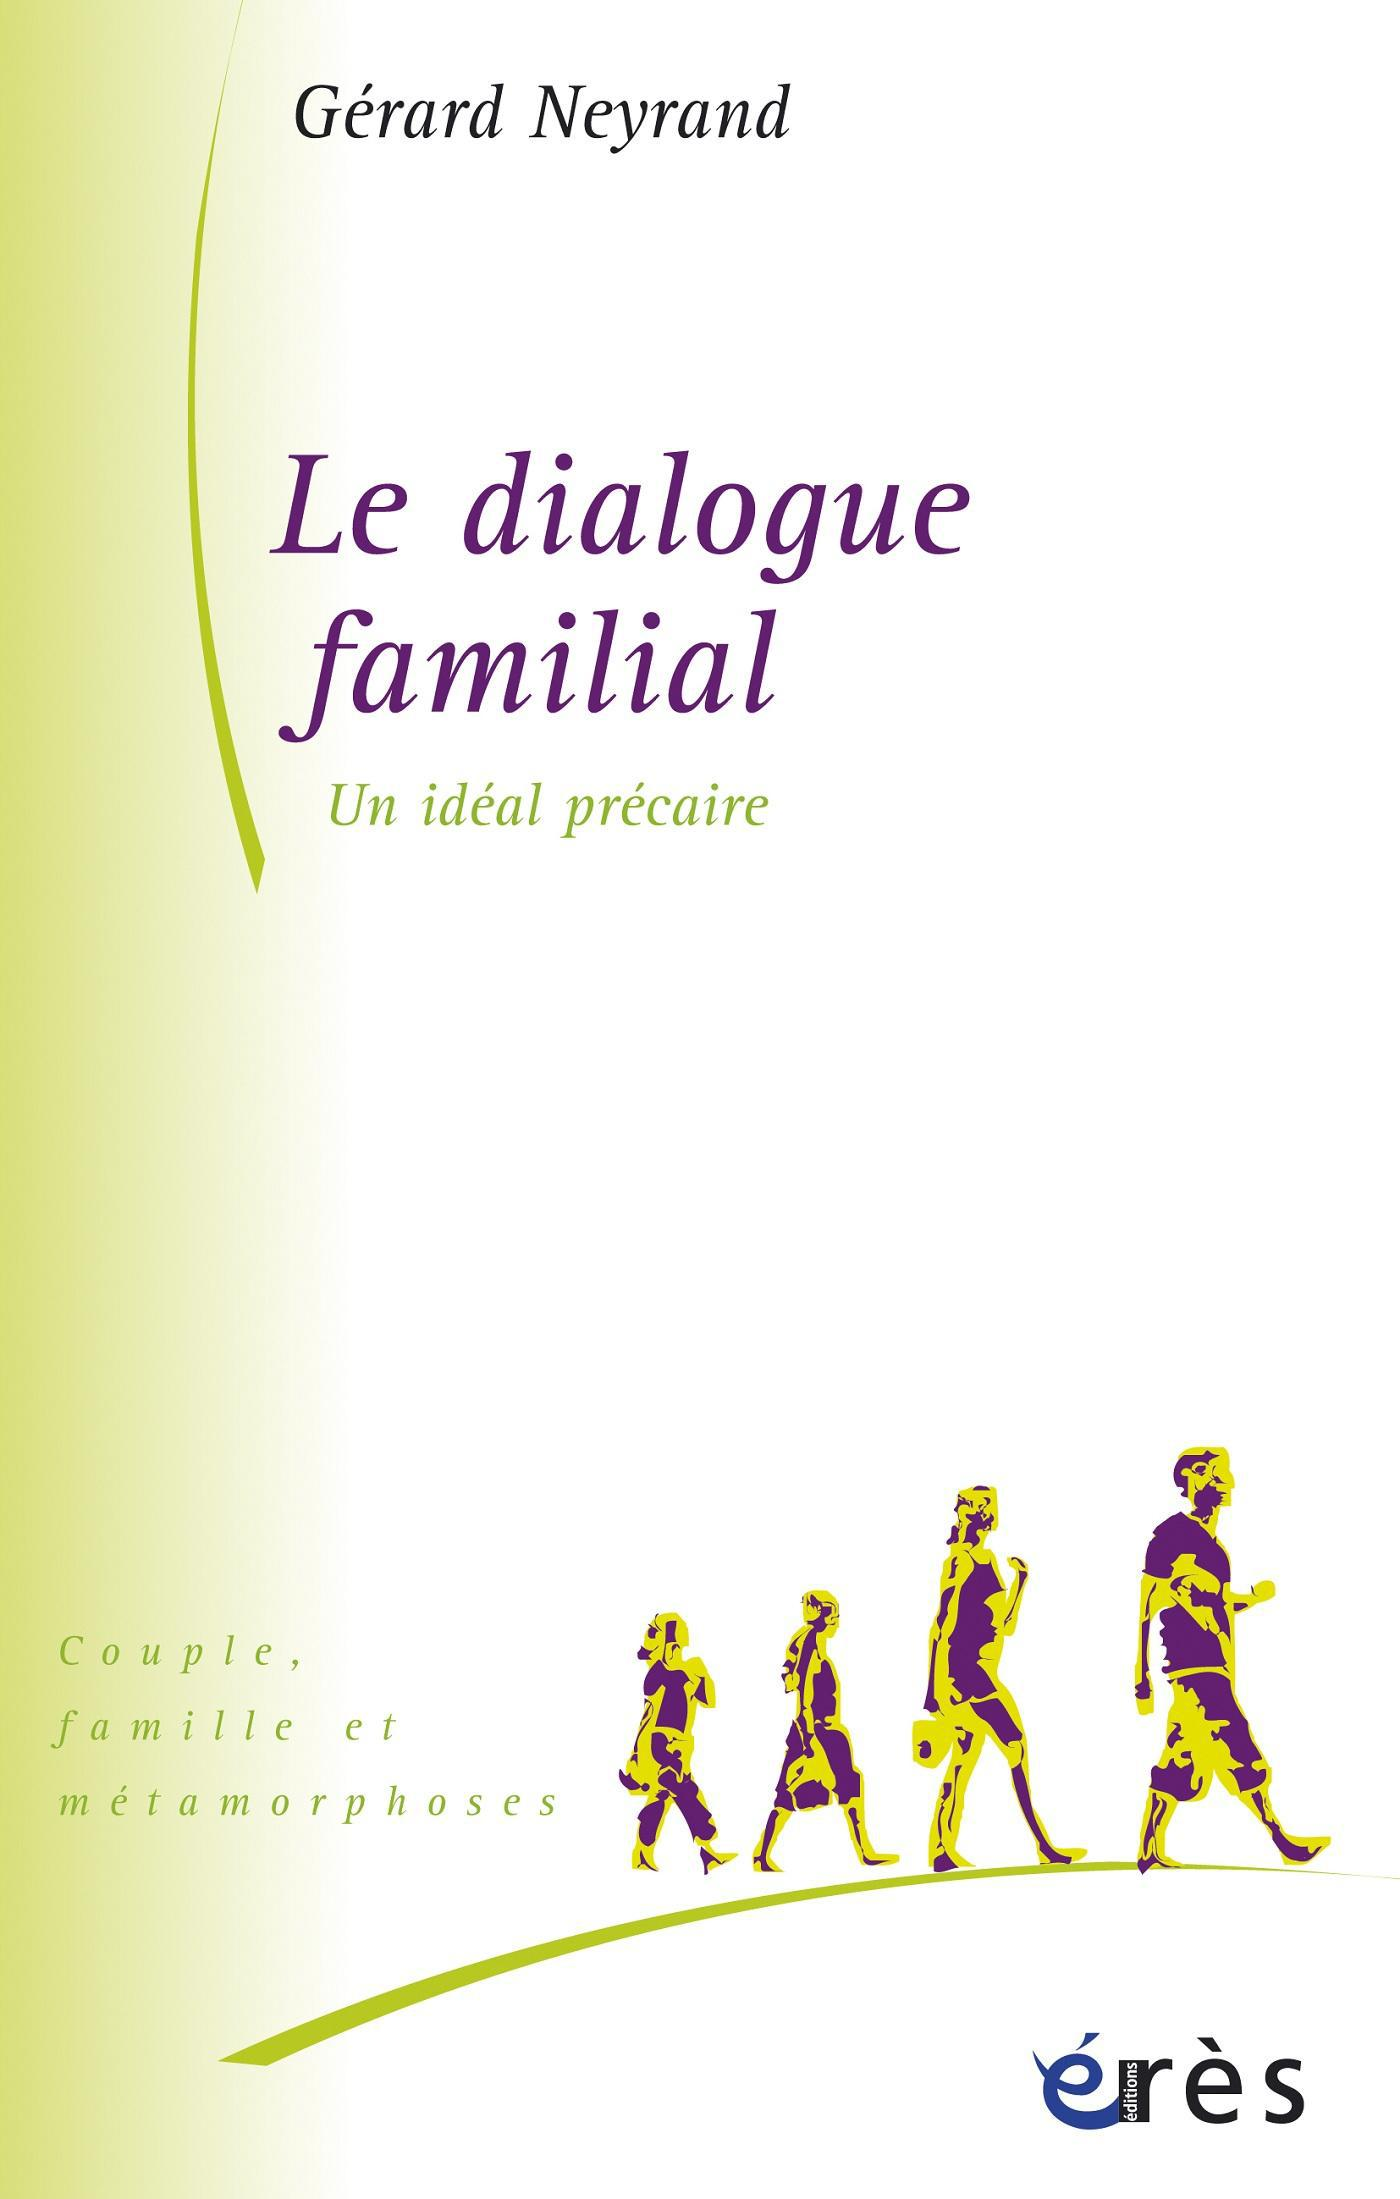 Le dialogue familial